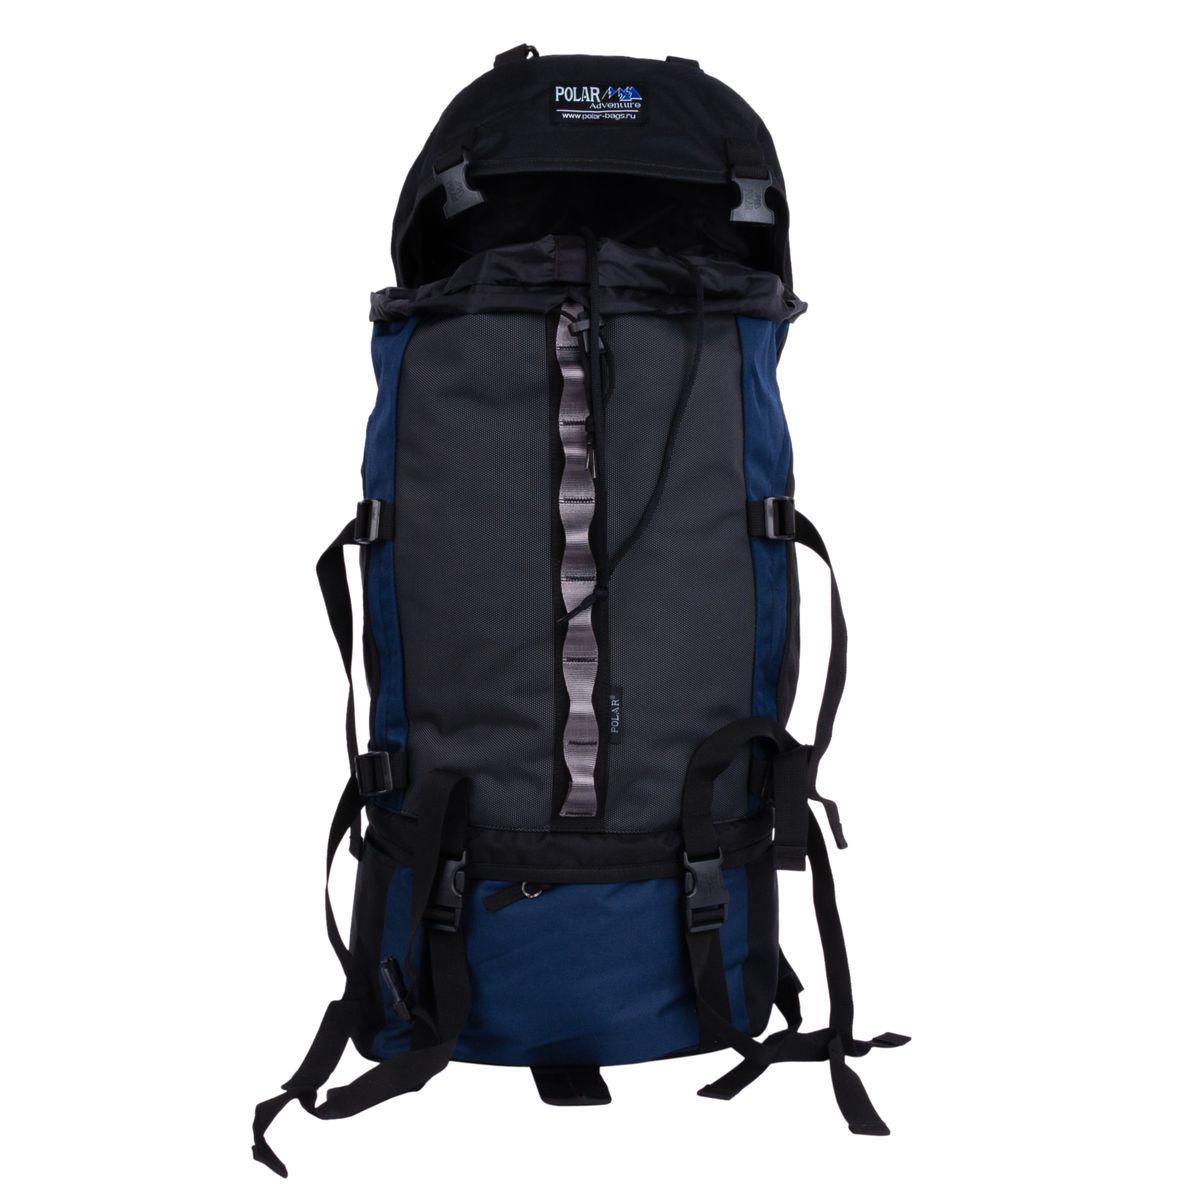 Рюкзак экспедиционный Polar, 50 л, цвет: синий. П931-04П931-04Туристический рюкзак фирмы Polar. Объем на 50 л. Отлично оснащенный рюкзак для альпинизма и туризма. Двойной доступ к основному отделению, множество карманов для мелочей и документов, карабин для ключей, карман для мобильного. Возможность крепления на рюкзак дополнительного оборудования. Регулируемая грудная стяжка с фиксатором. Регулируемый по длине поясной ремень с карманами на змейке. Материал: Polyester PU 600D.